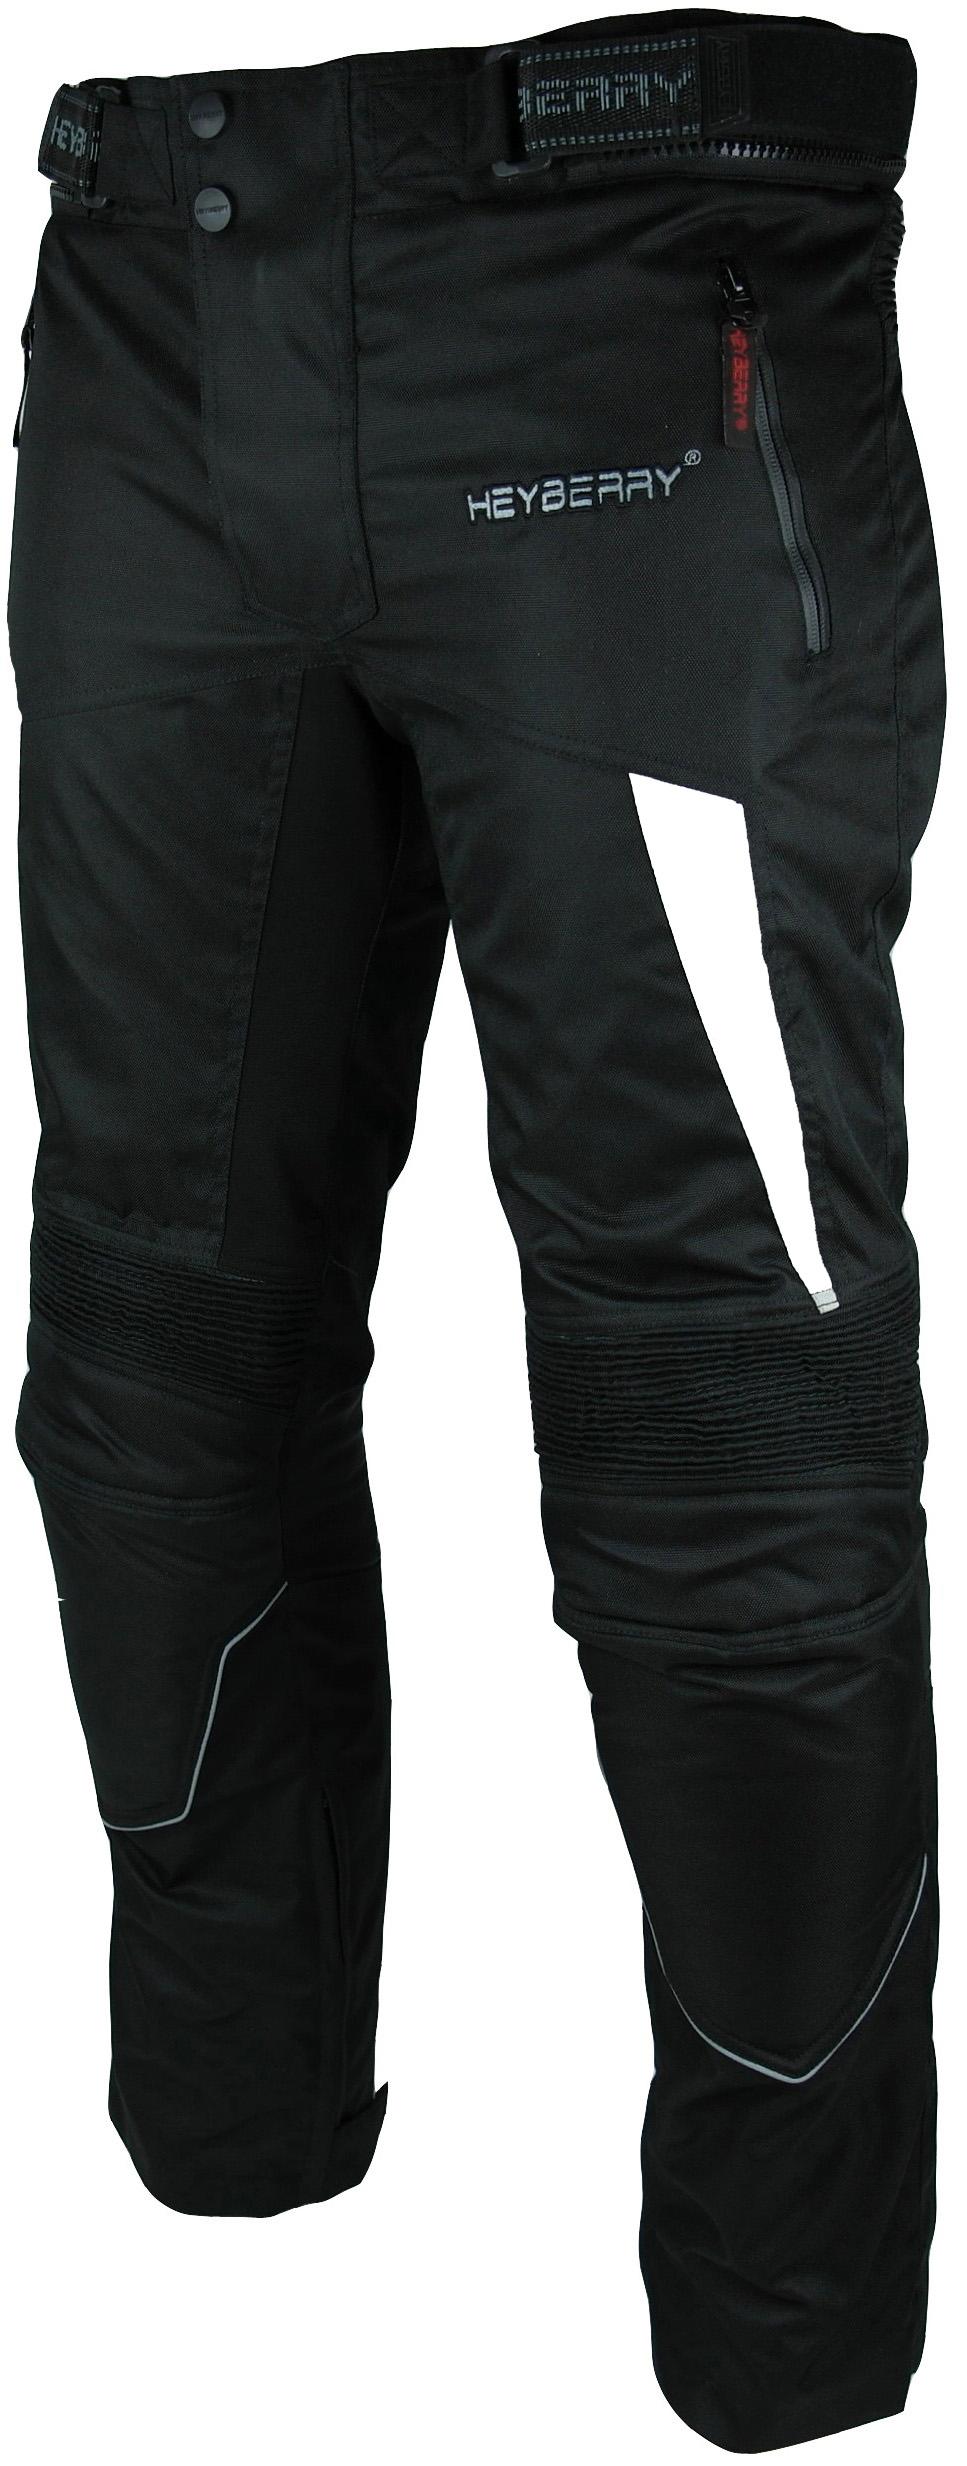 Heyberry Motorradhose Textil Schwarz Weiß Gr. M L XL XXL 3XL